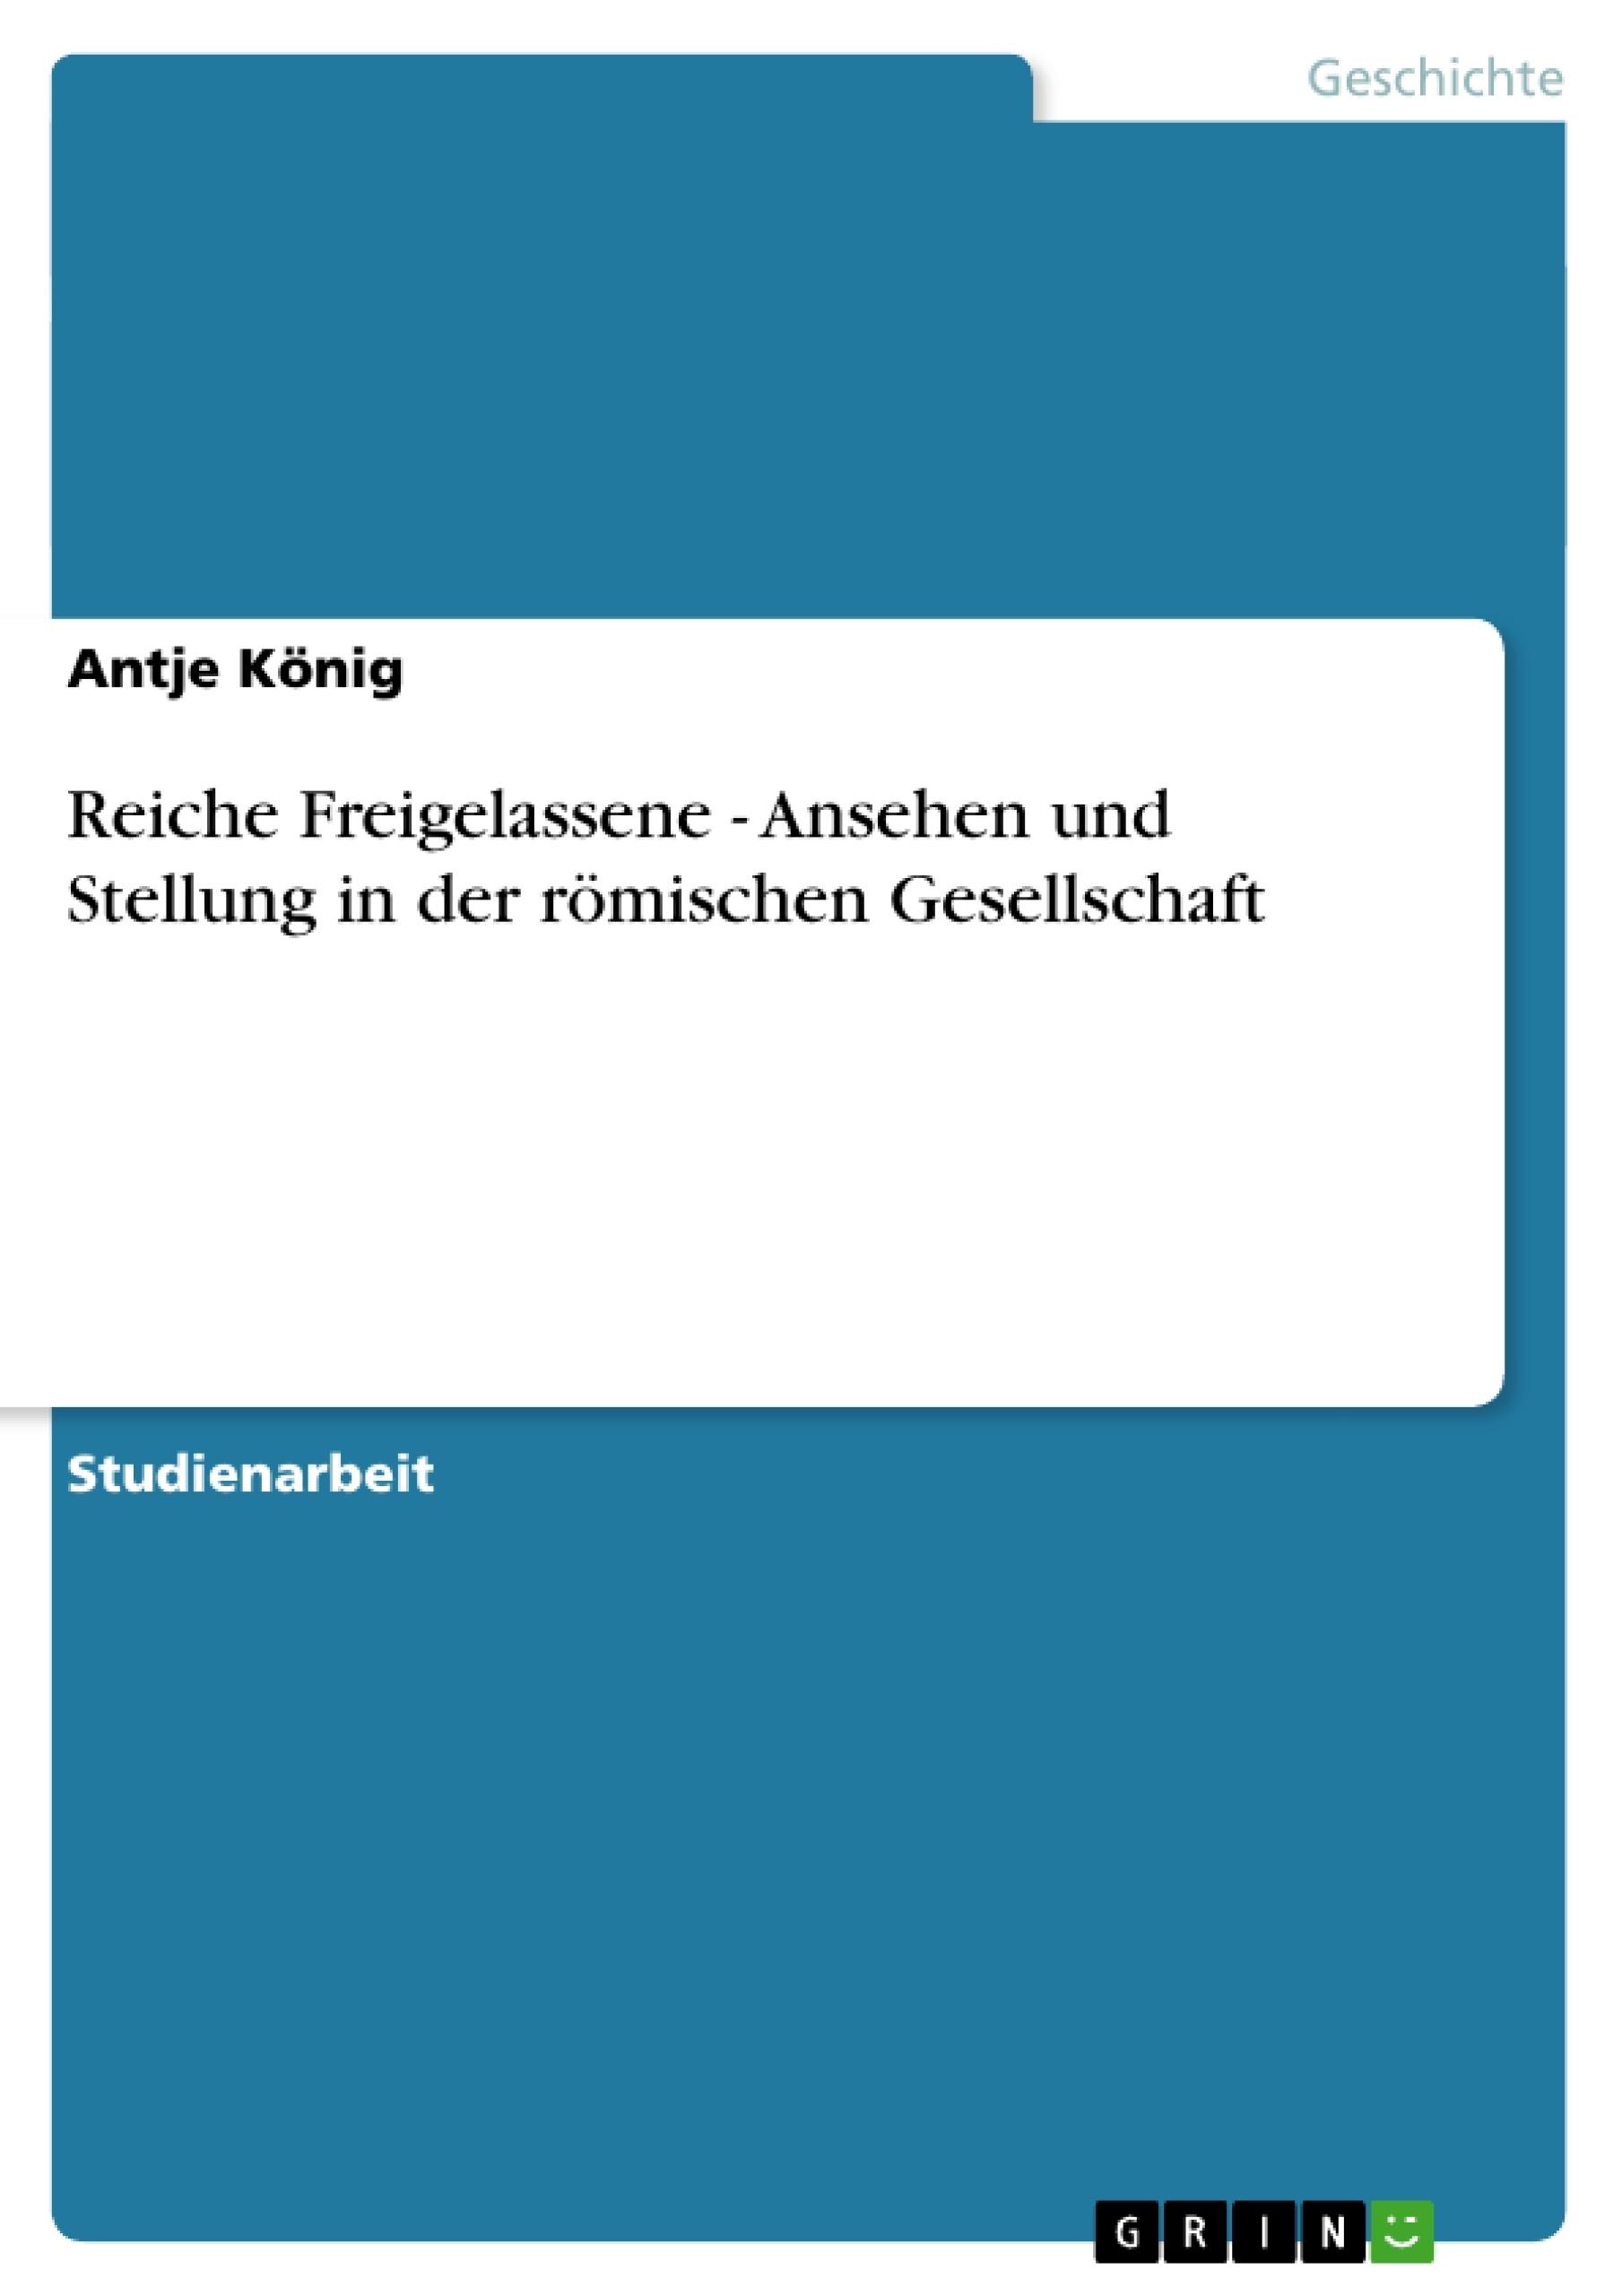 Titel: Reiche Freigelassene - Ansehen und Stellung in der römischen Gesellschaft